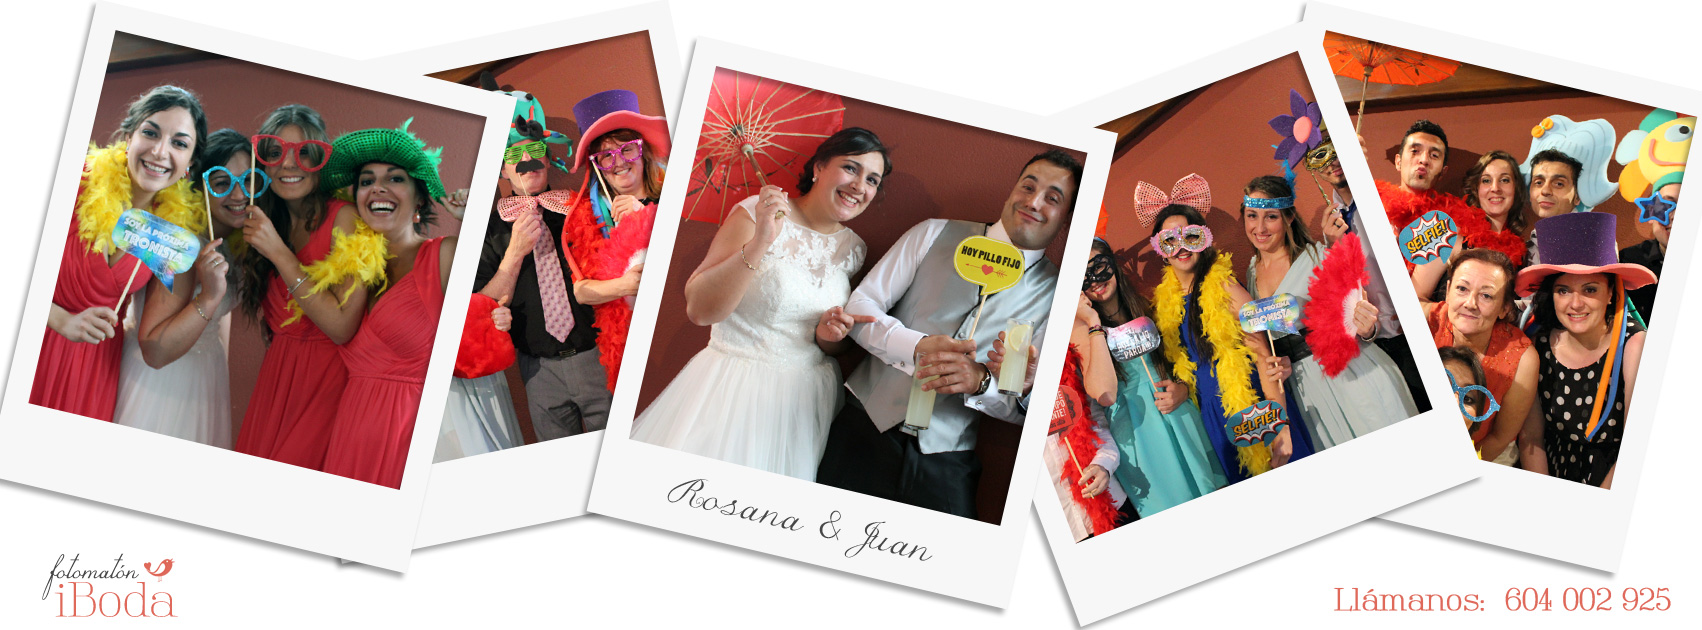 Rosana & Juan